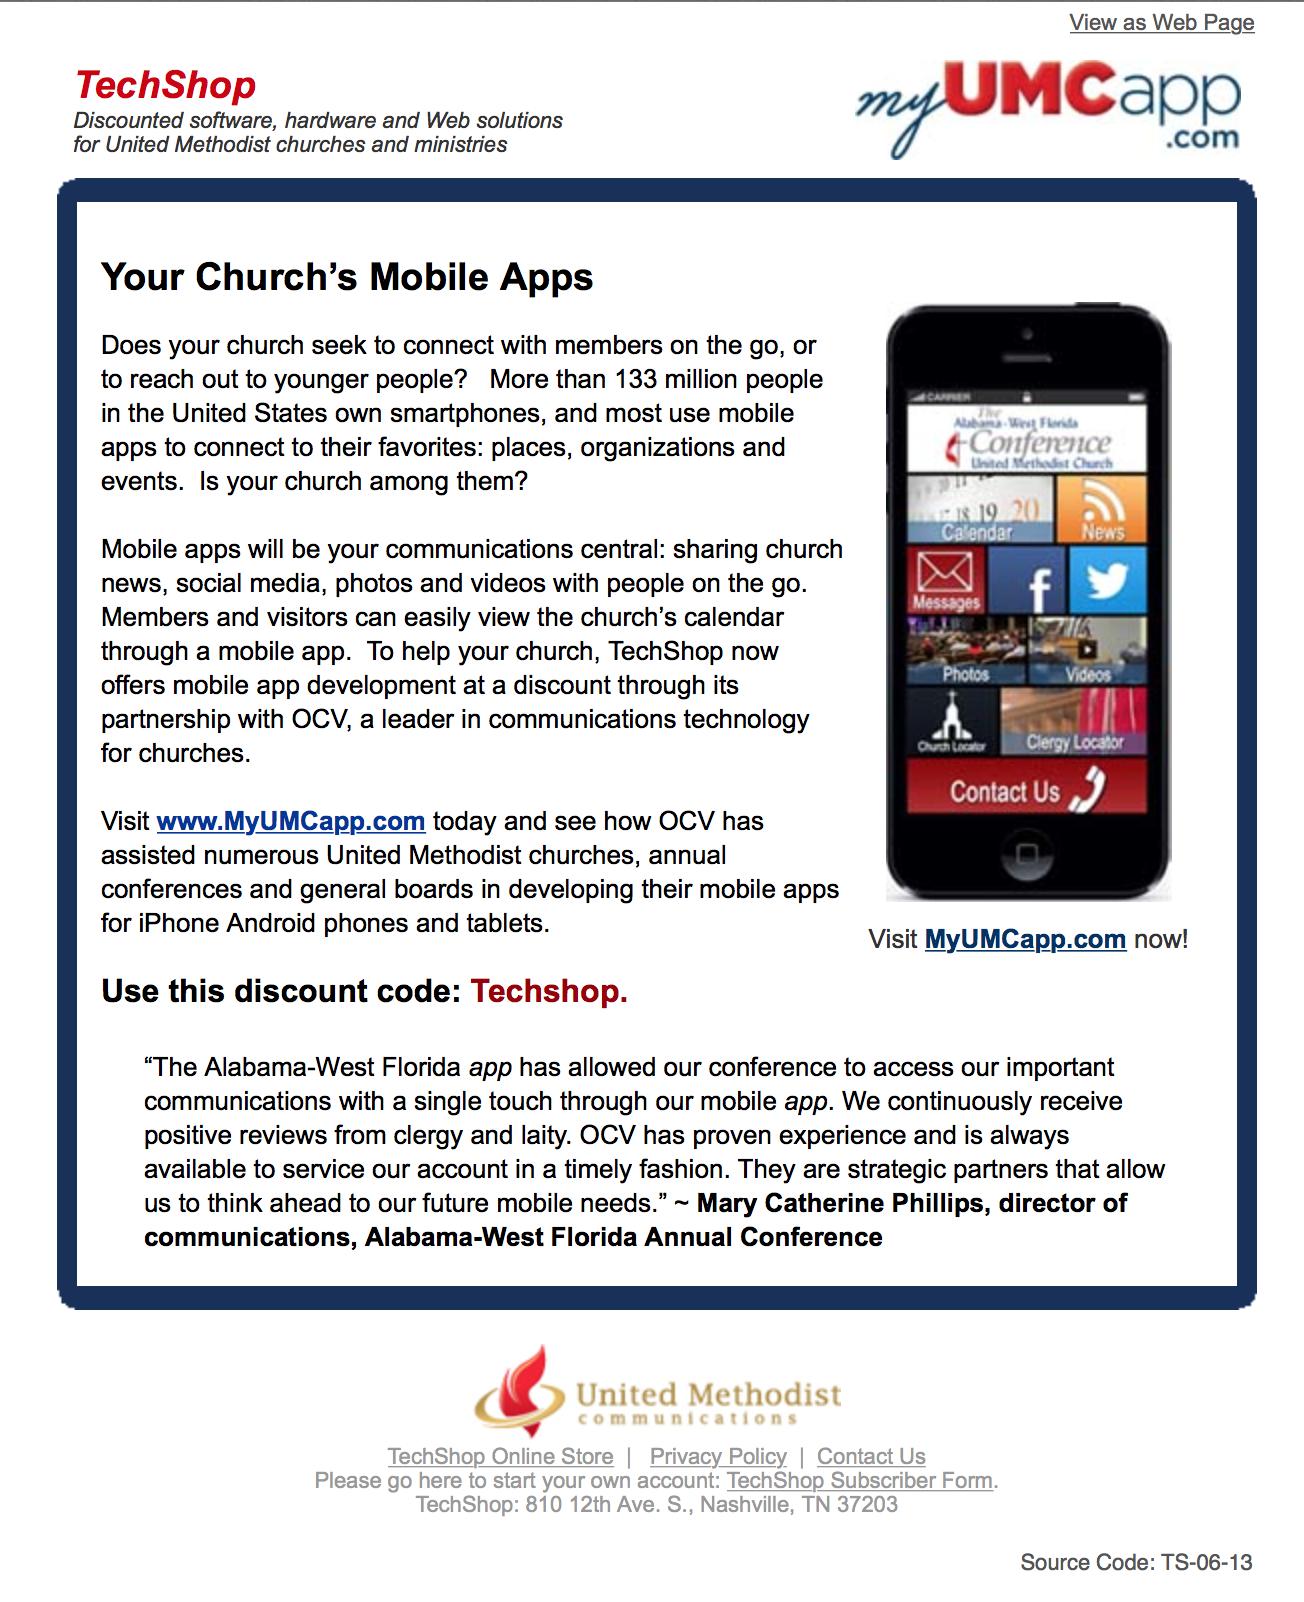 Email Marketing for UMCom TechShop